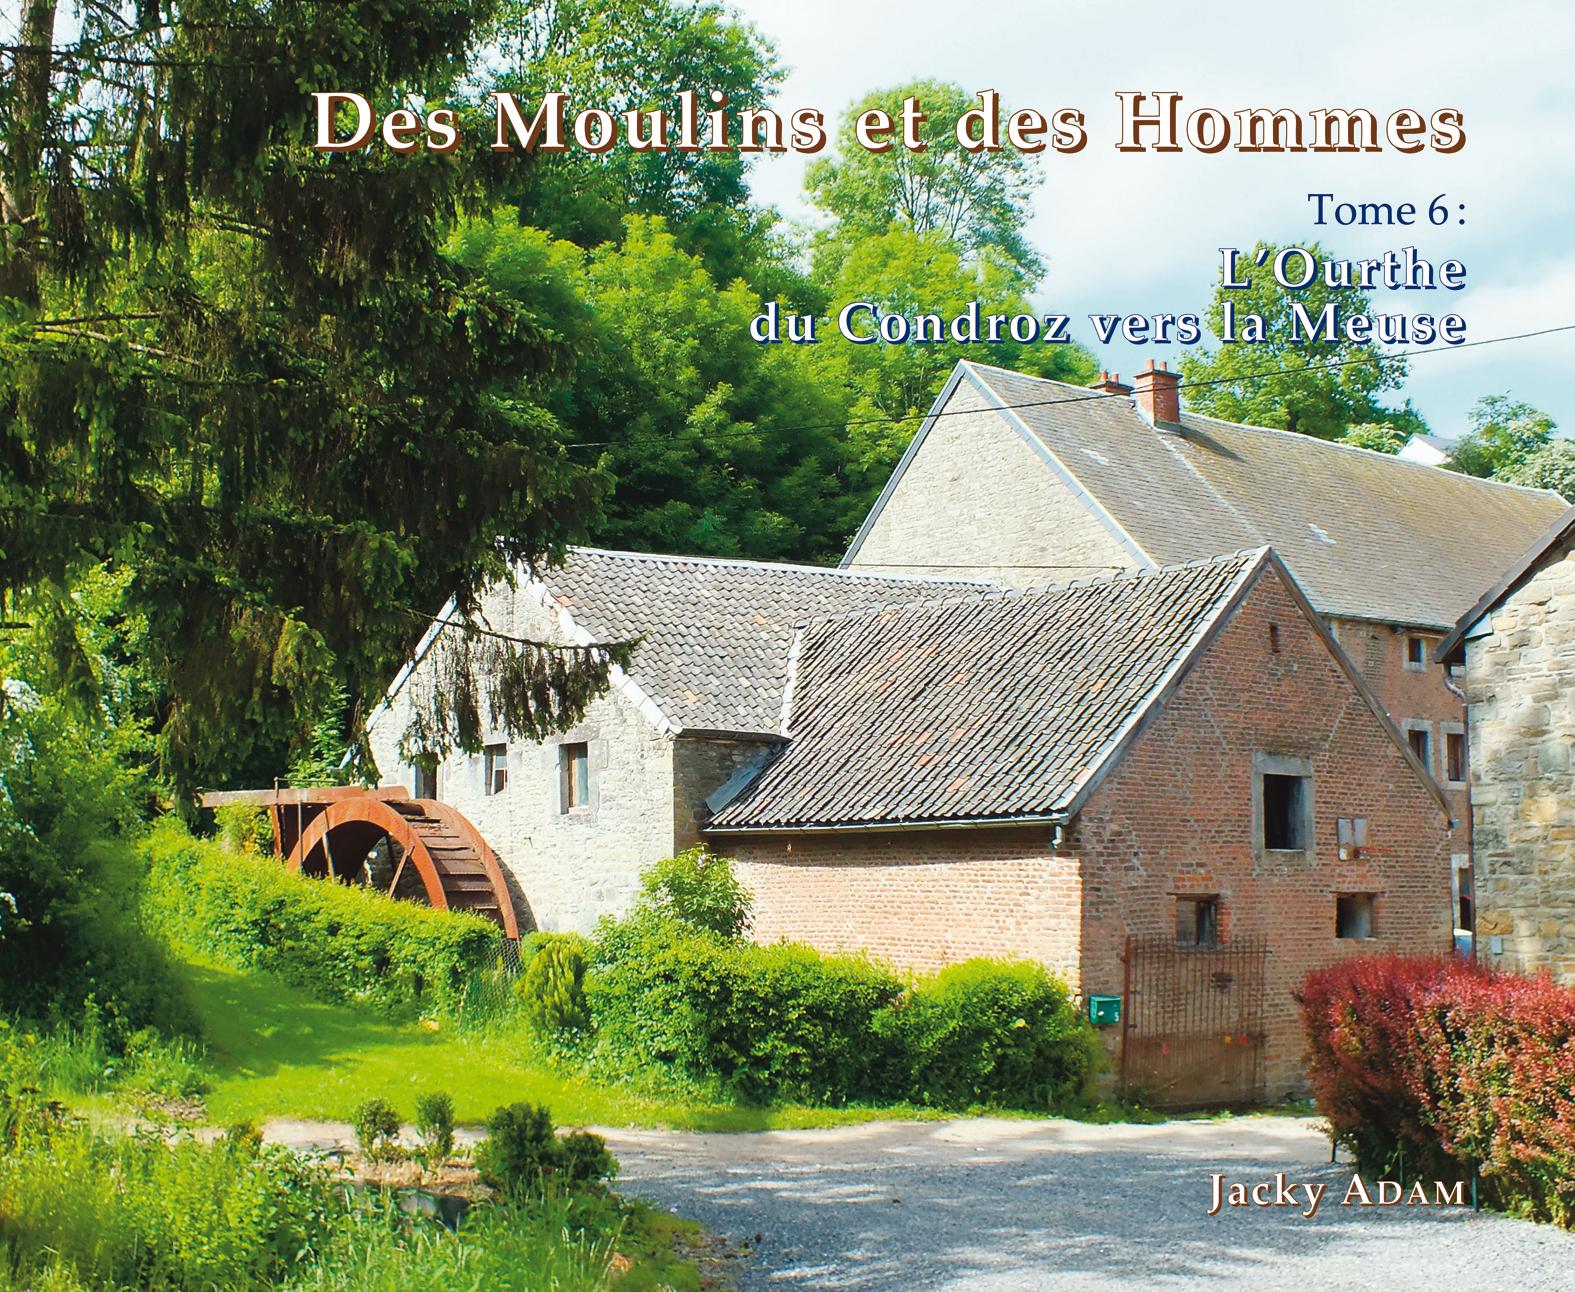 Tome 6 – L'Ourthe du Condroz vers la Meuse